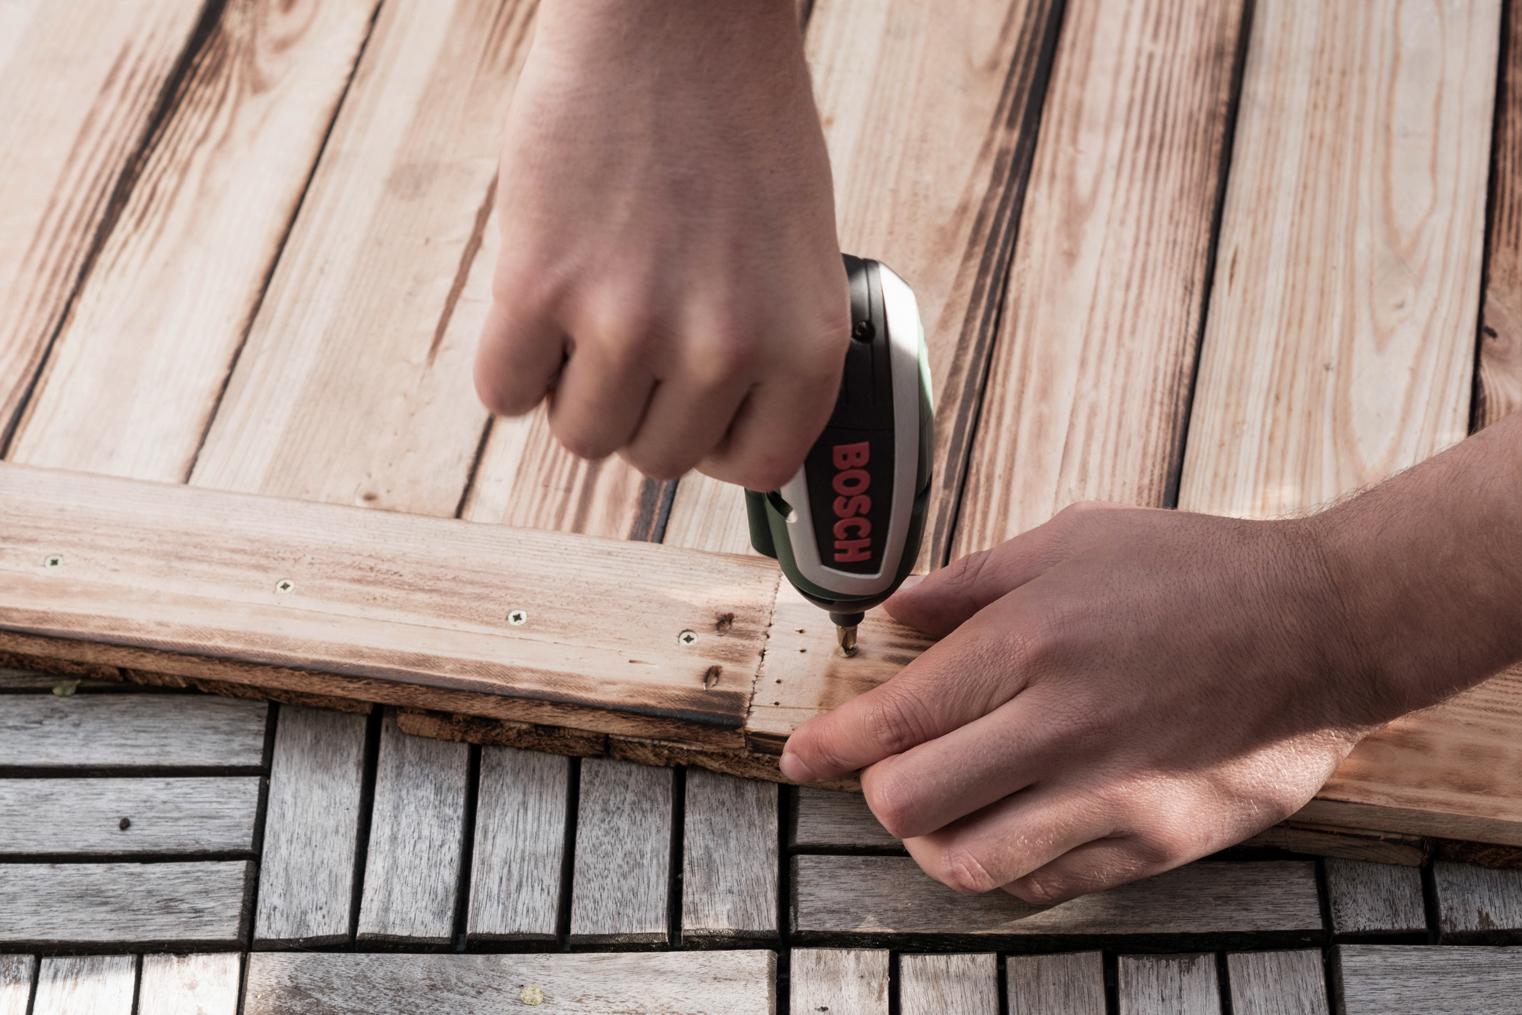 Vintage Holzuntergrund Rustikalen Used Look Selber Machen